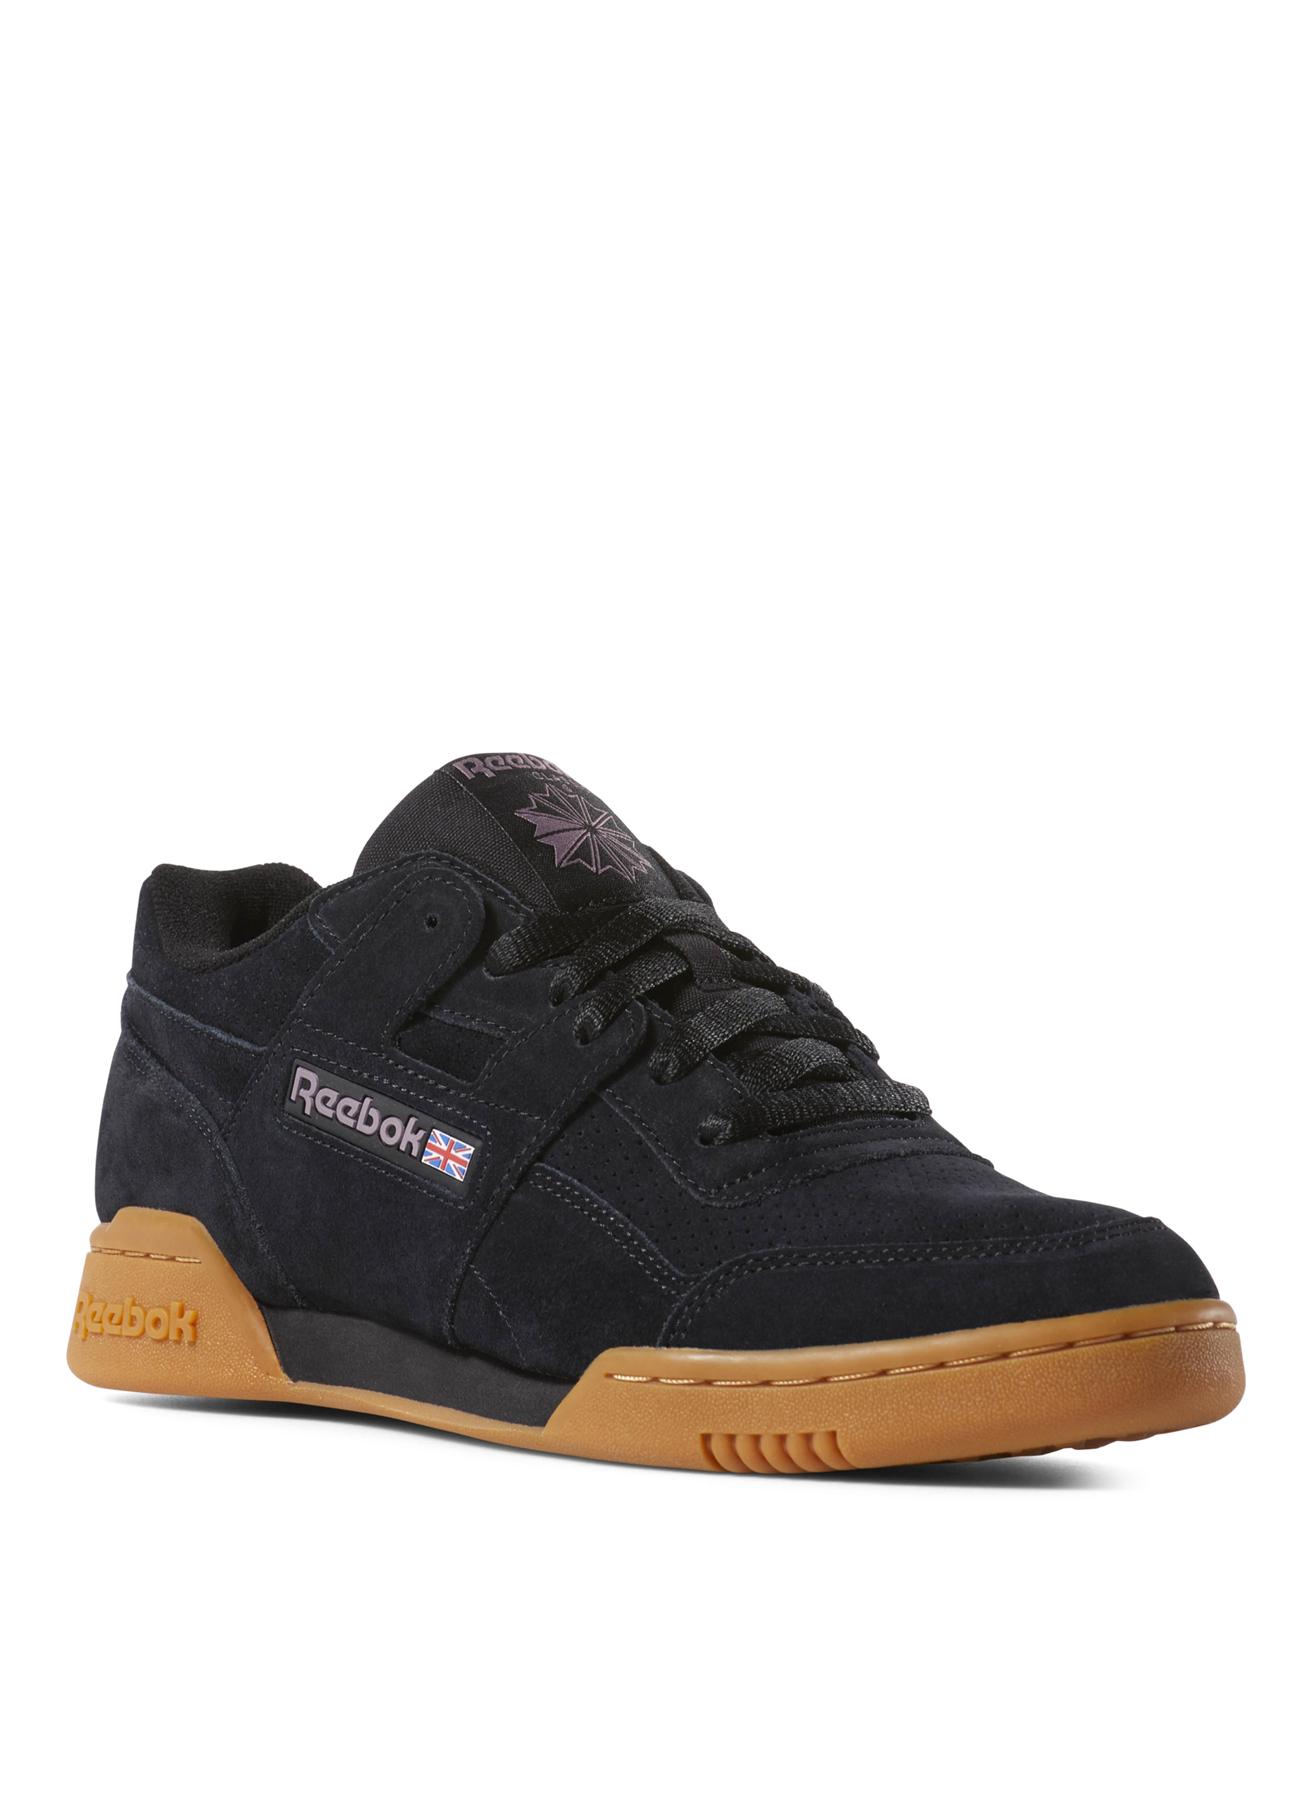 Reebok Lifestyle Ayakkabı 43 5002359692004 Ürün Resmi